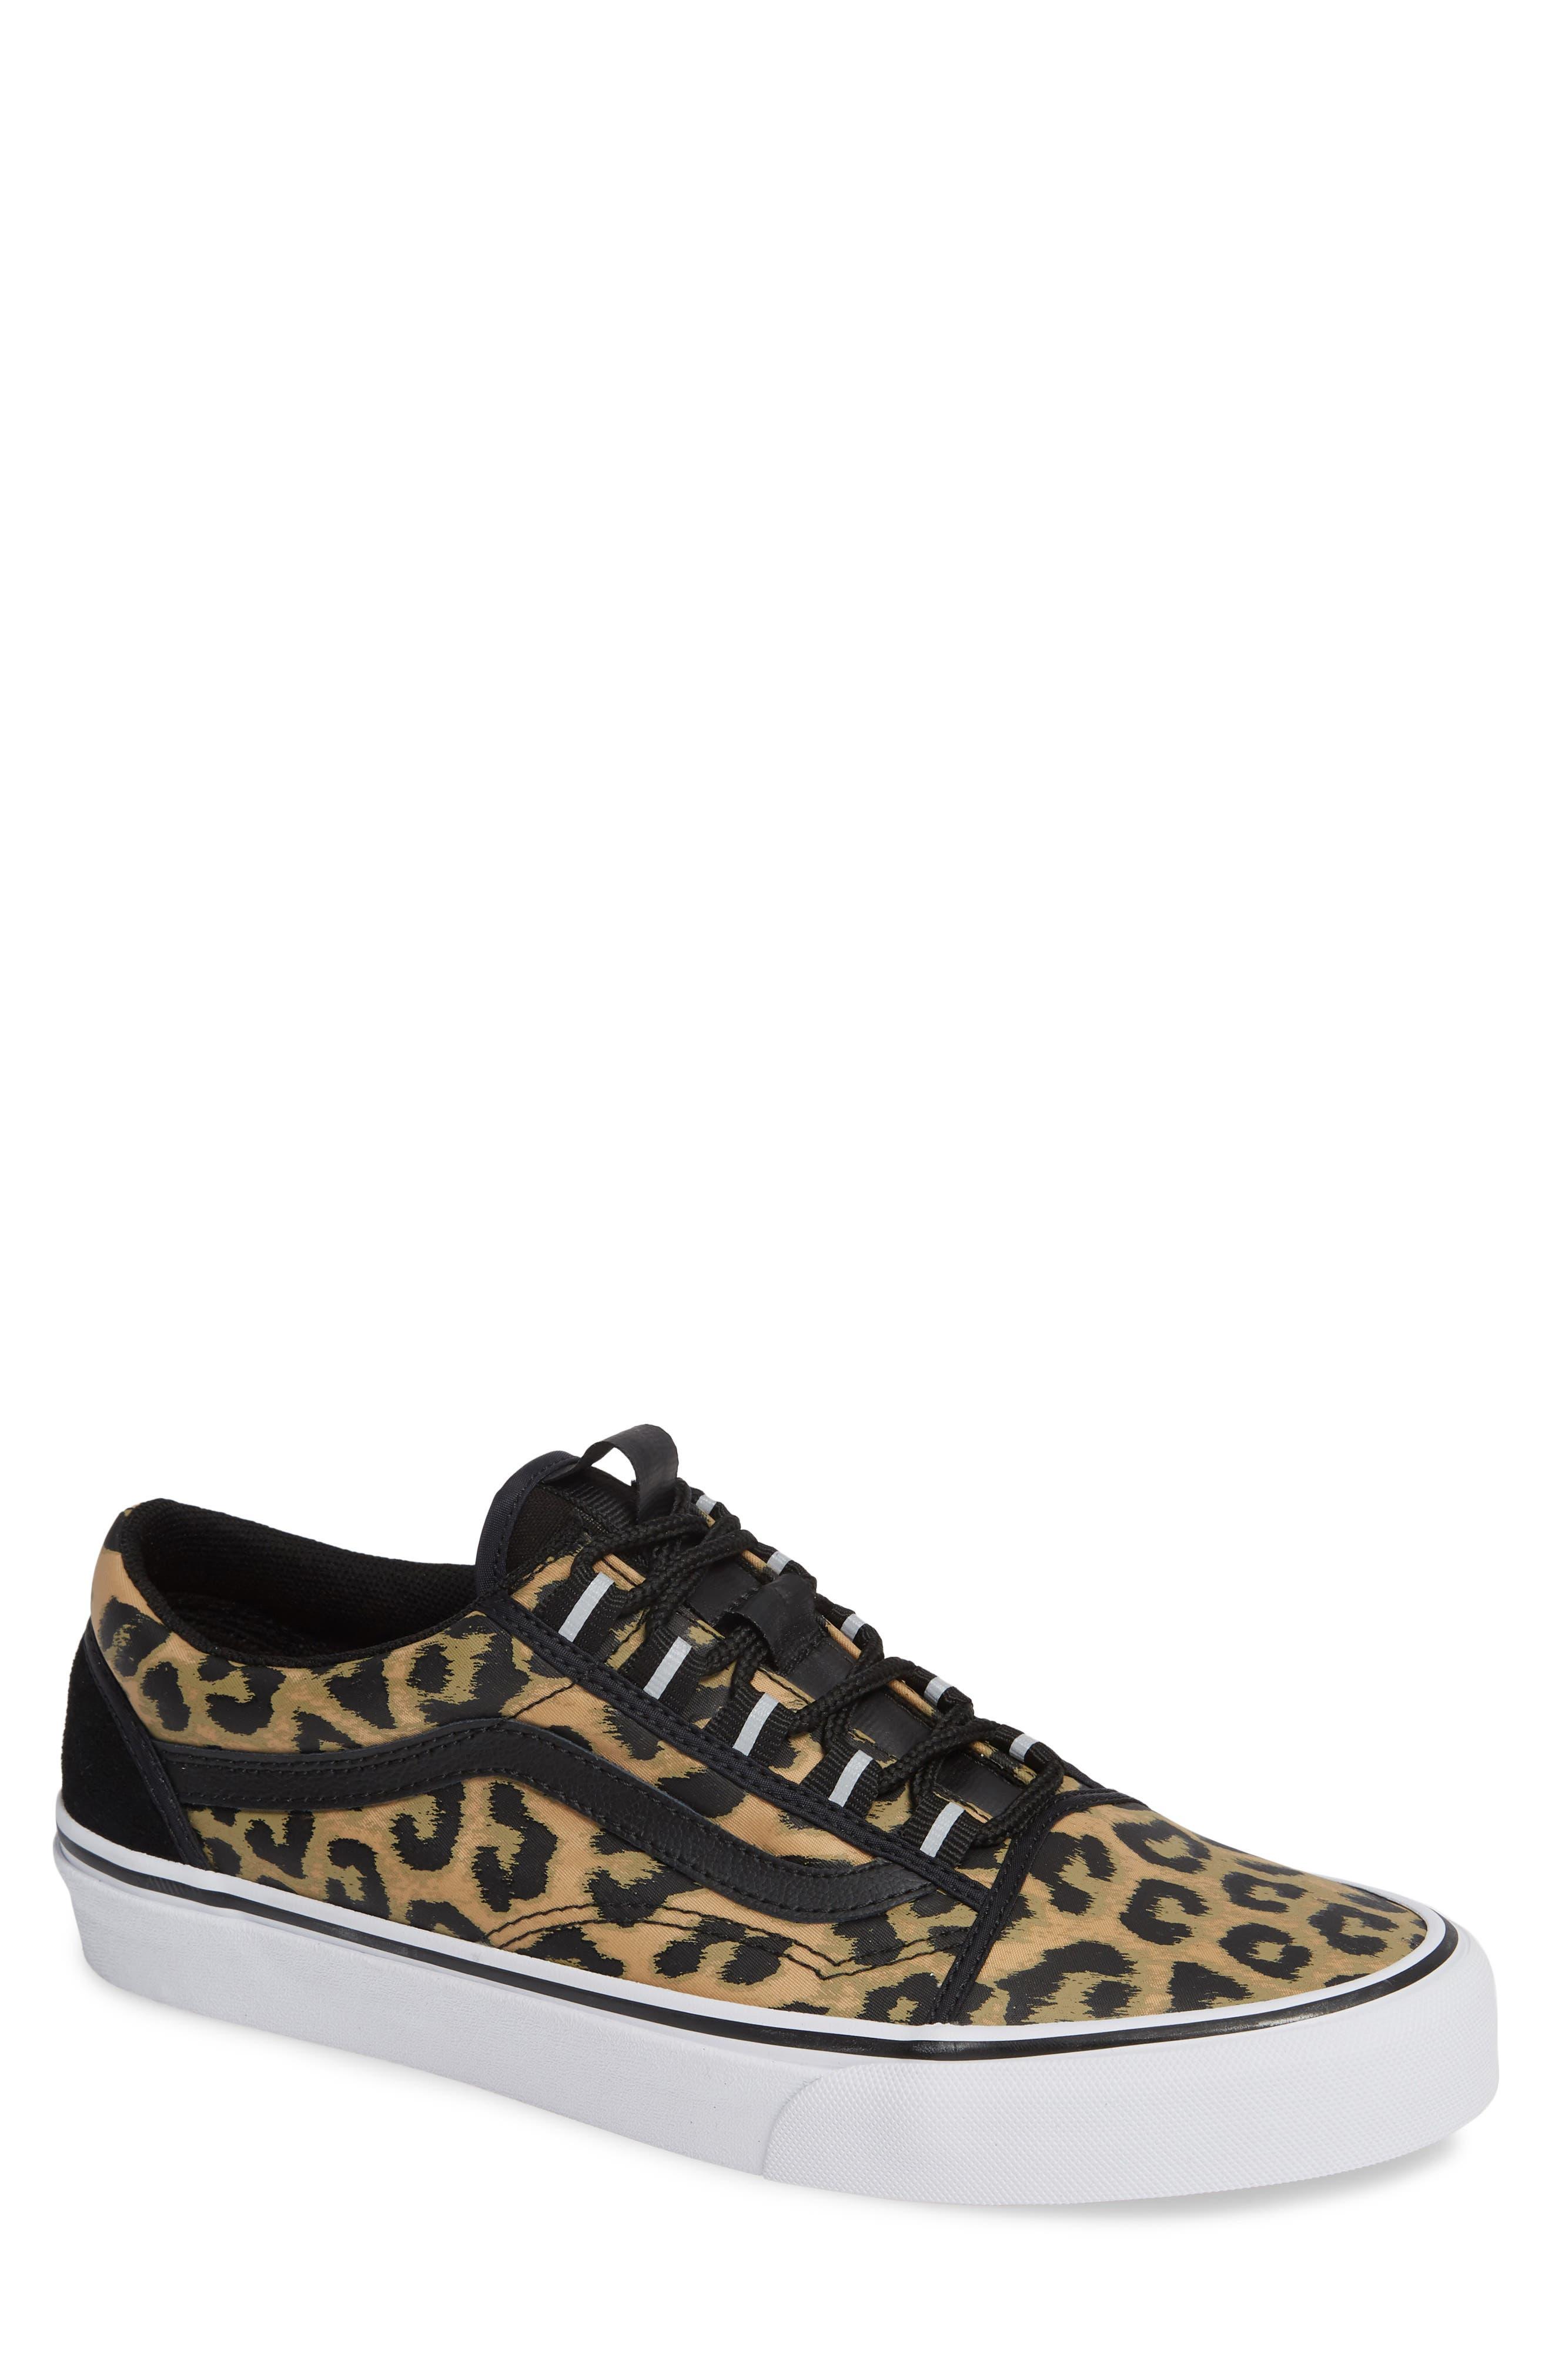 Old Skool Ghillie Sneaker,                             Main thumbnail 1, color,                             BLACK NYLON/ LEOPARD NYLON